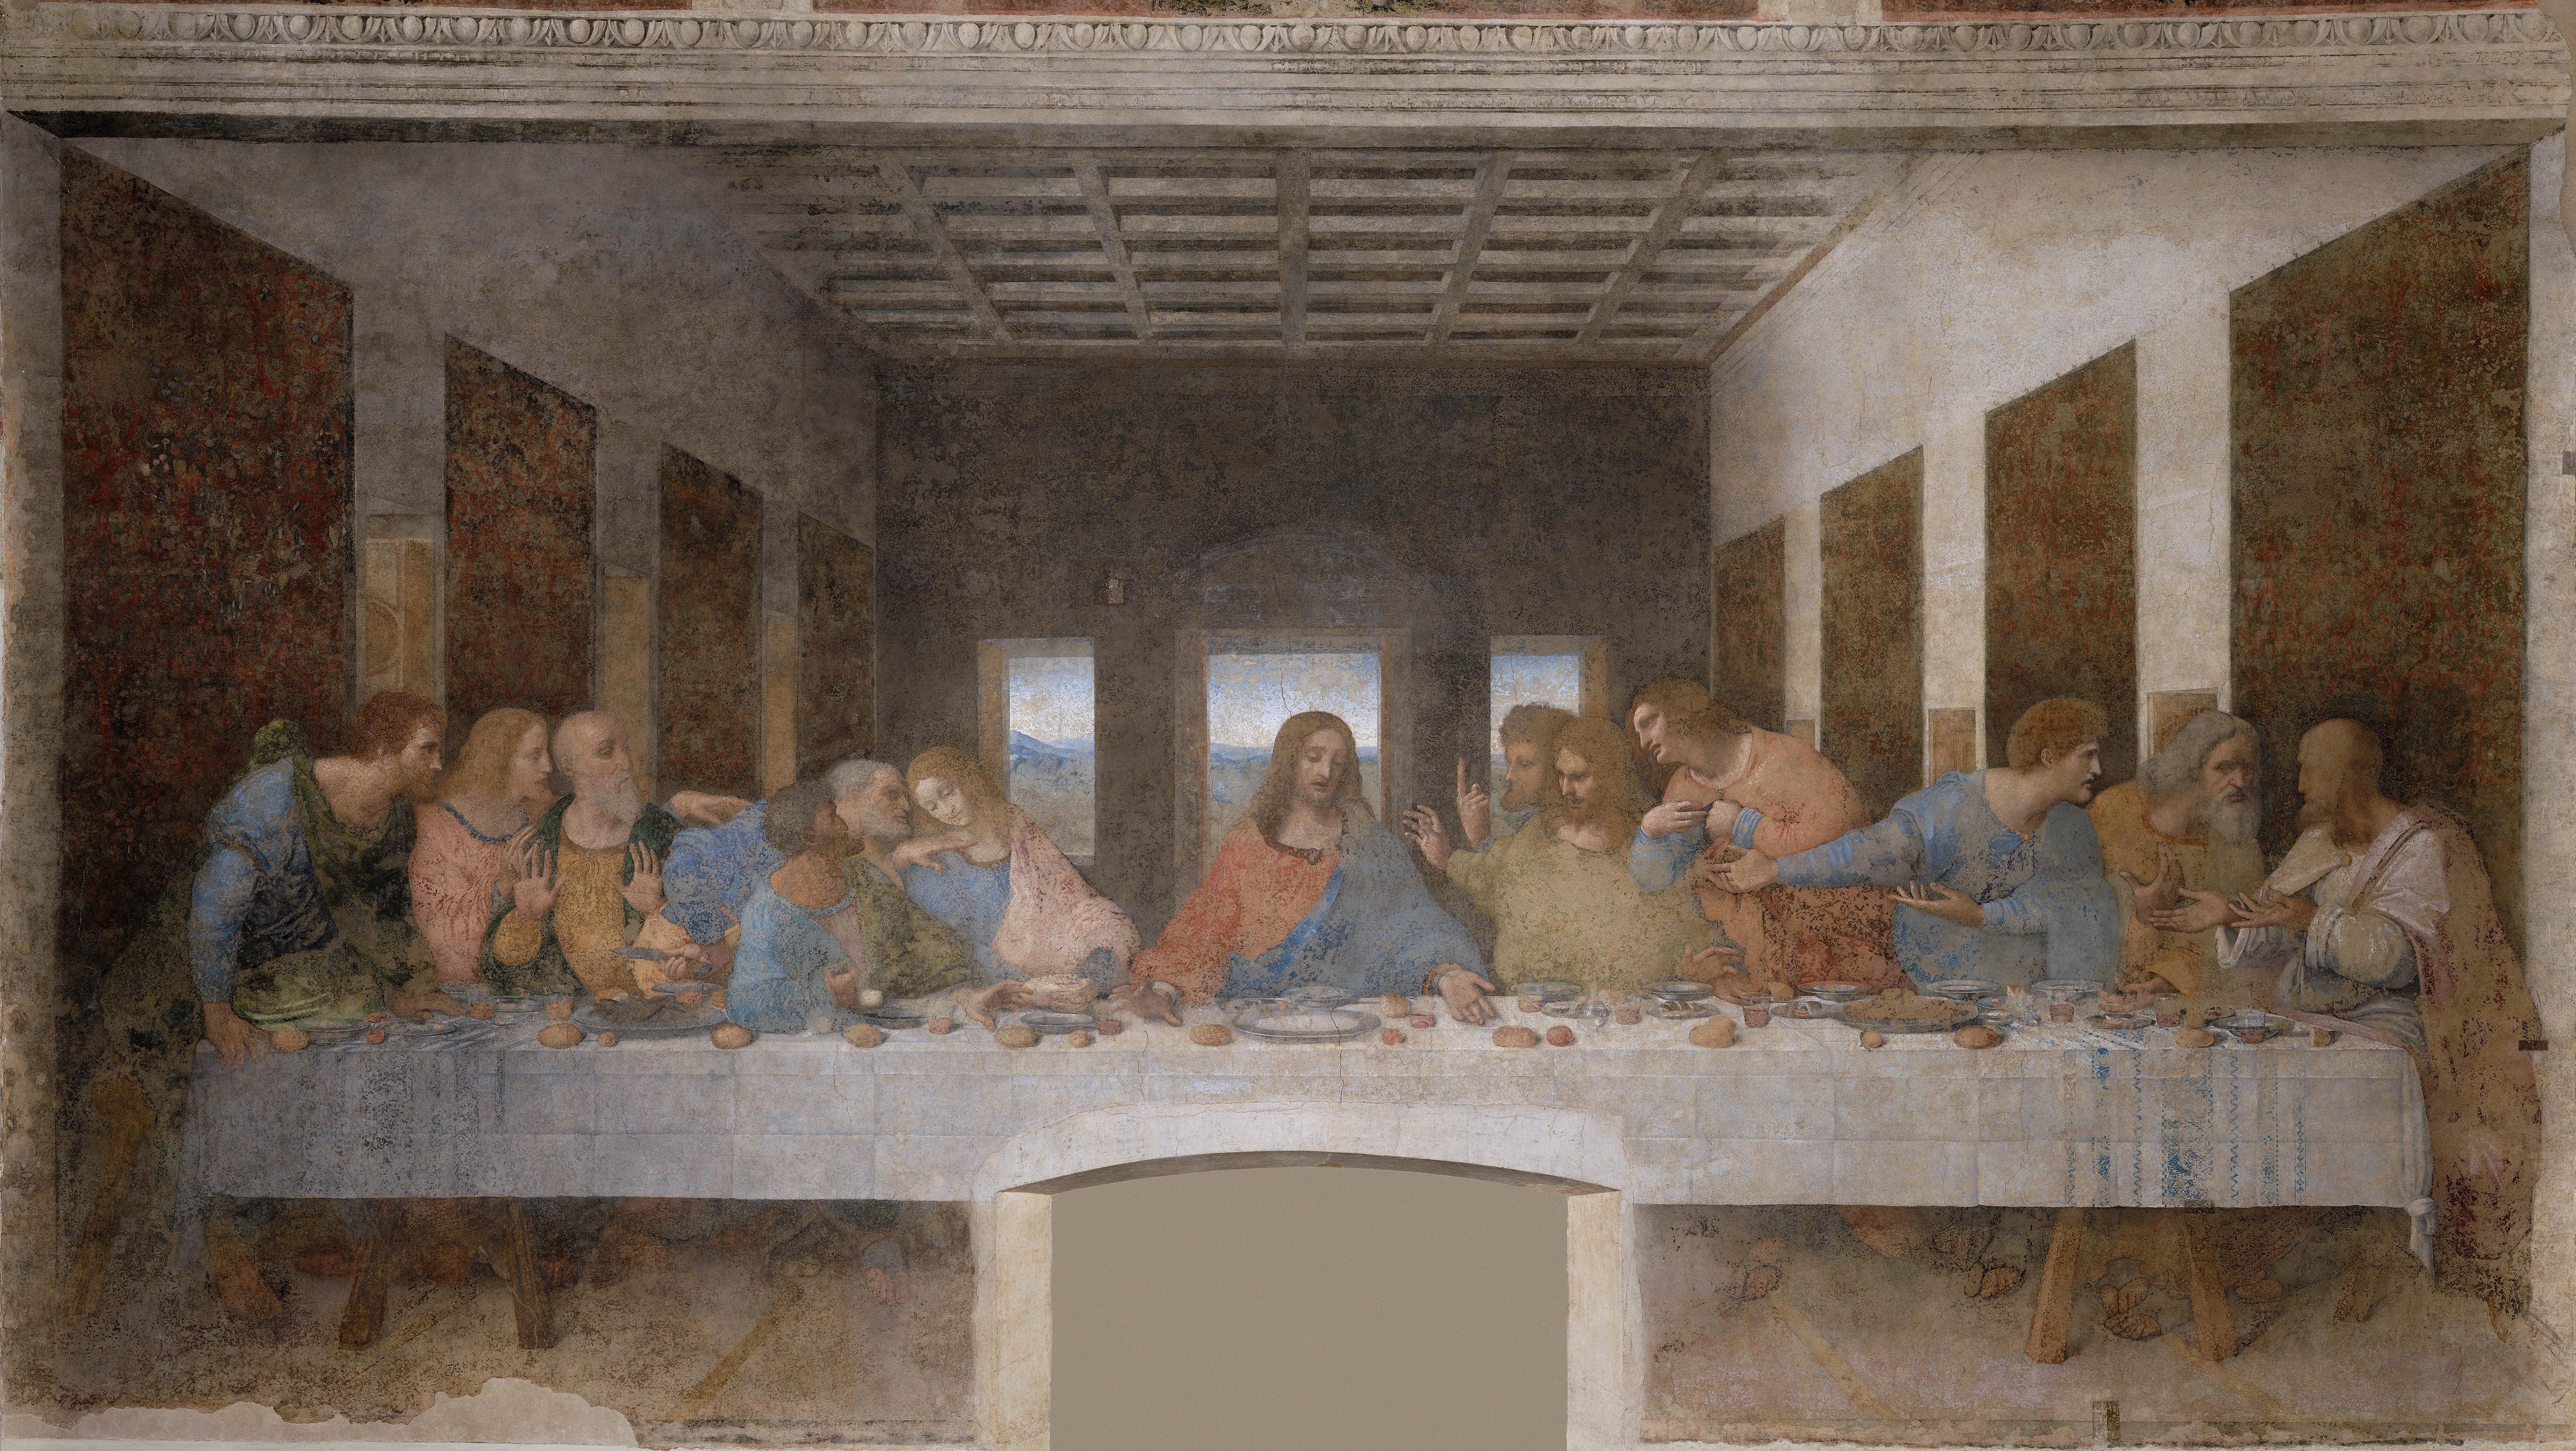 Léonard de Vinci (1452-1519), La Cène, 1494-1498, fresque, 460 x 880 cm, Milan, Eglise Santa Maria delle Grazie © DR